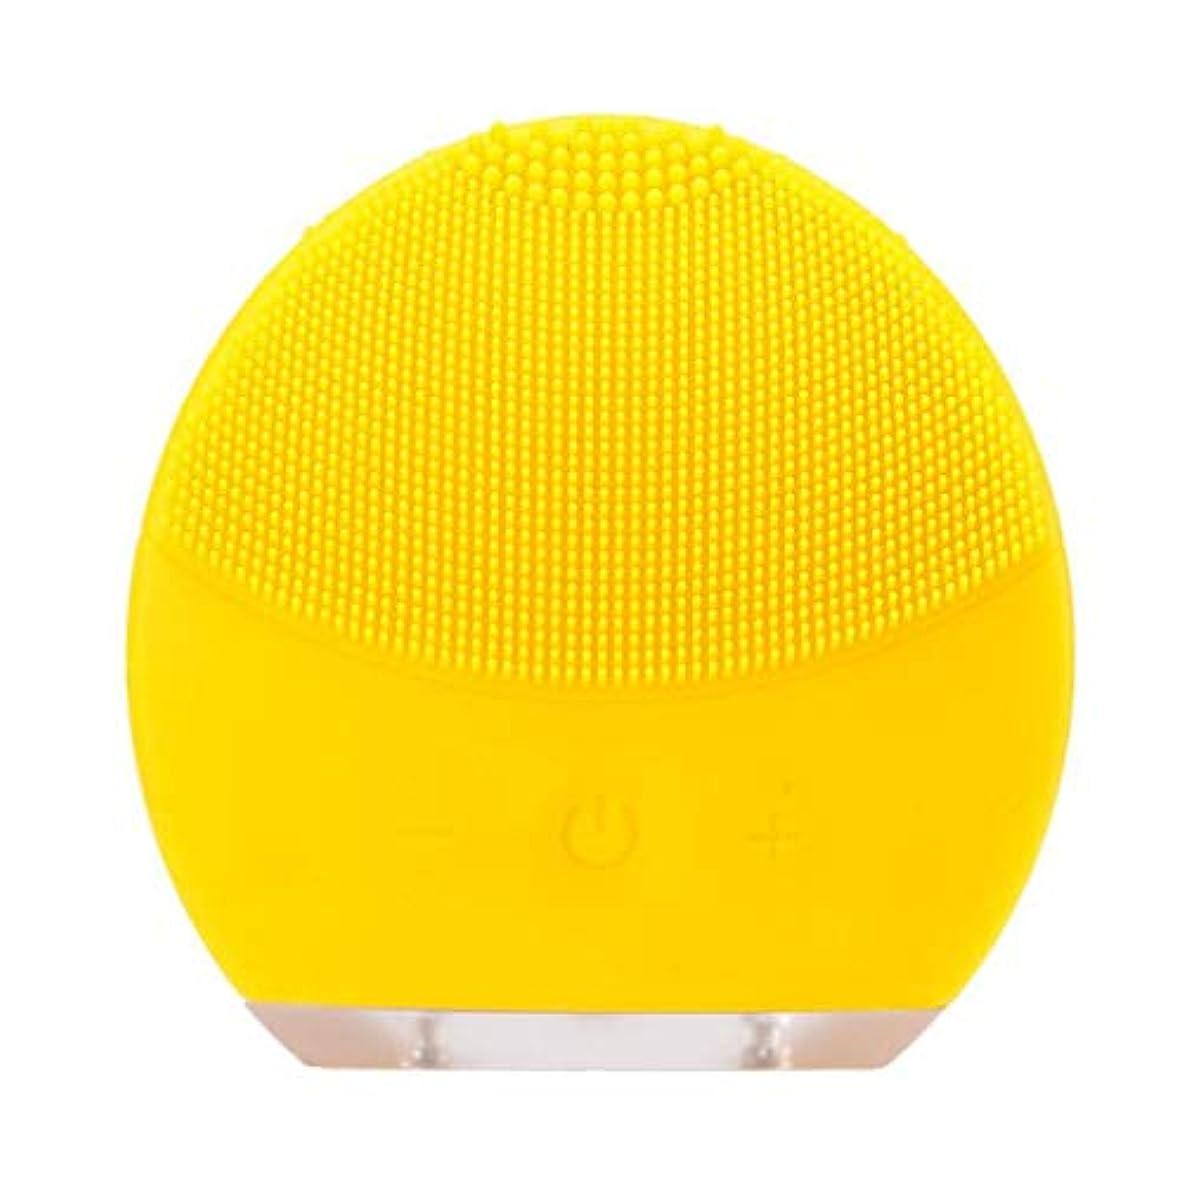 繰り返したペパーミントライター超音波振動美容機器洗浄器、皮膚の毛穴を最小限に抑えるマイクロダーマブレーション毛穴、USB 充電と防水,Yellow